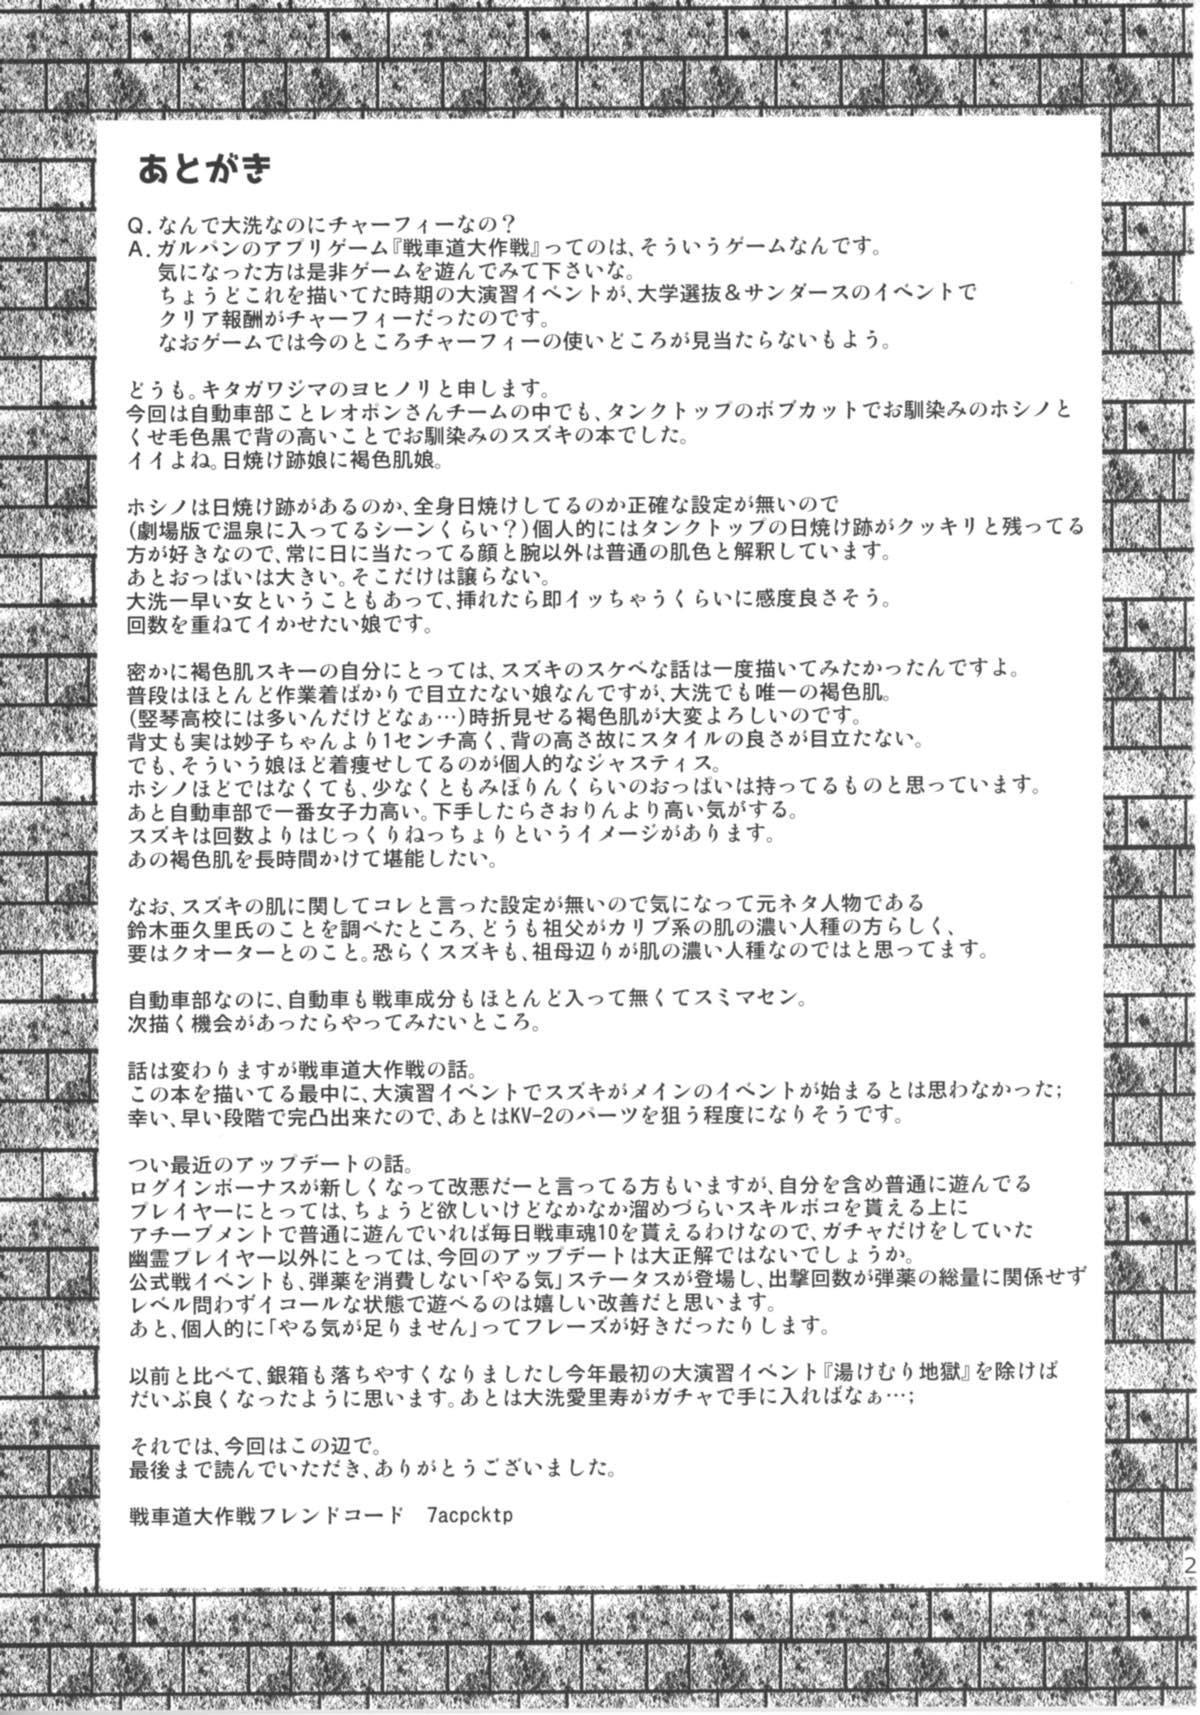 Bou Senshadou Game no Player ga Jidousha-bu Komon no Baai Daisakusen 23